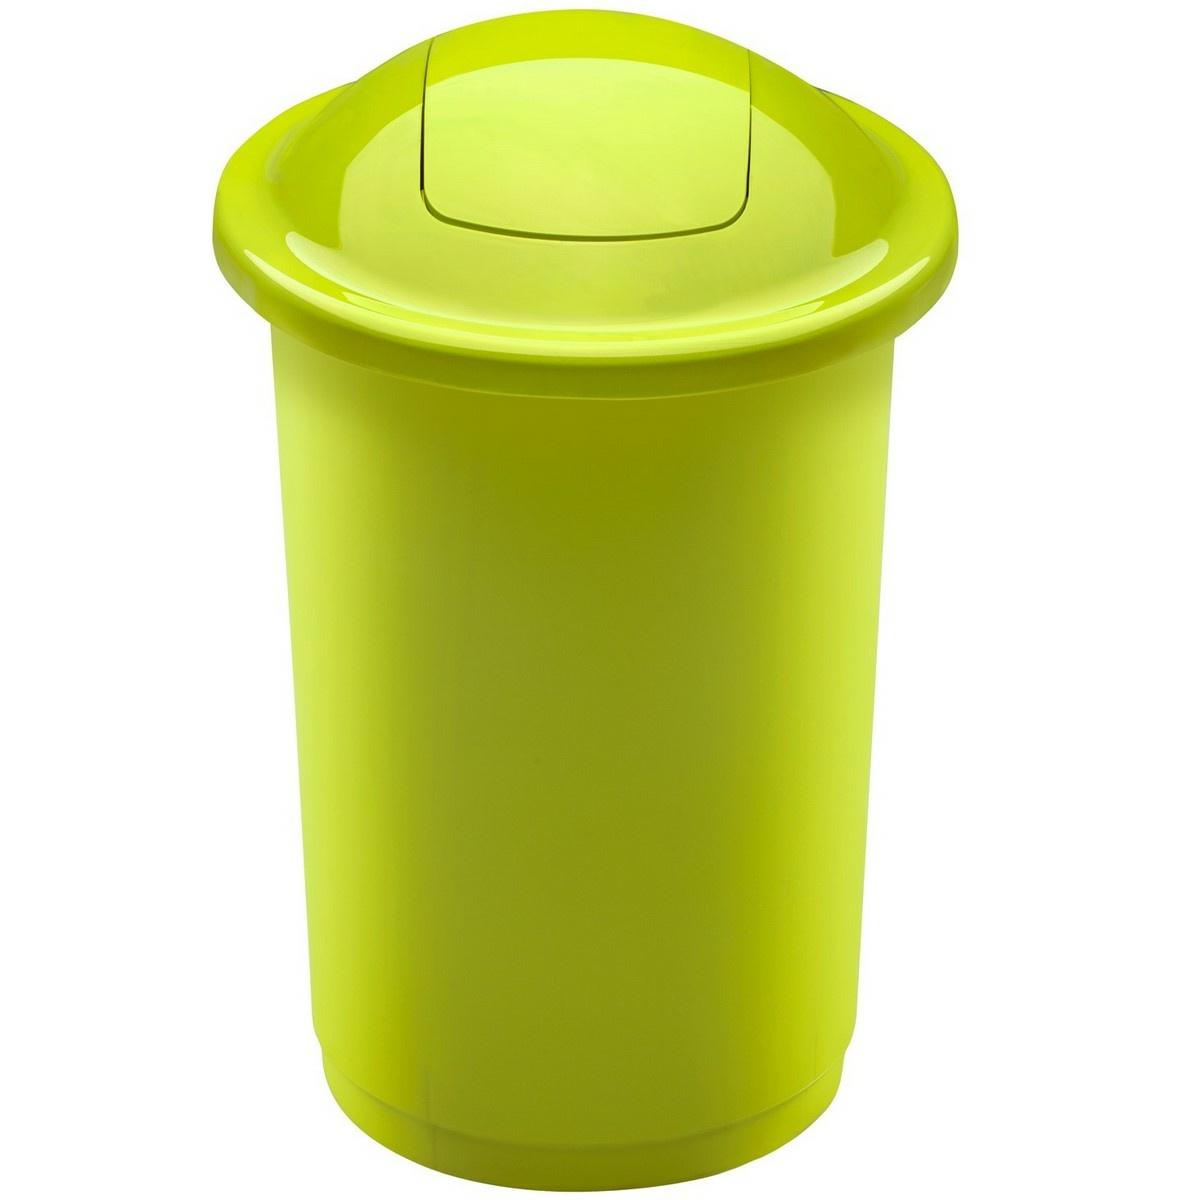 Coș de sortare deșeuri Aldo Top Bin, 50 l, 122 x 44 cm, verde imagine 2021 e4home.ro